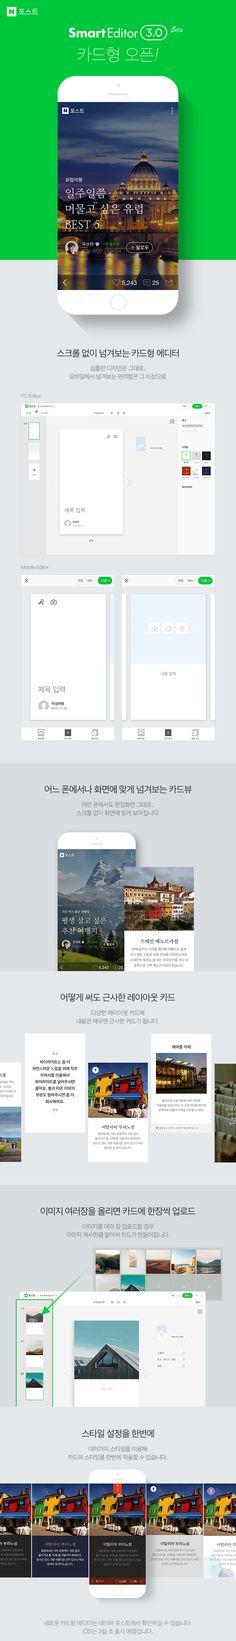 스마트 에디터 3.0 카드형 오픈 : 네이버 블로그 Mobile Ui Design, Ui Ux Design, Ui Portfolio, Ux Wireframe, App Promotion, Card Ui, Promotional Design, Ui Web, Application Design